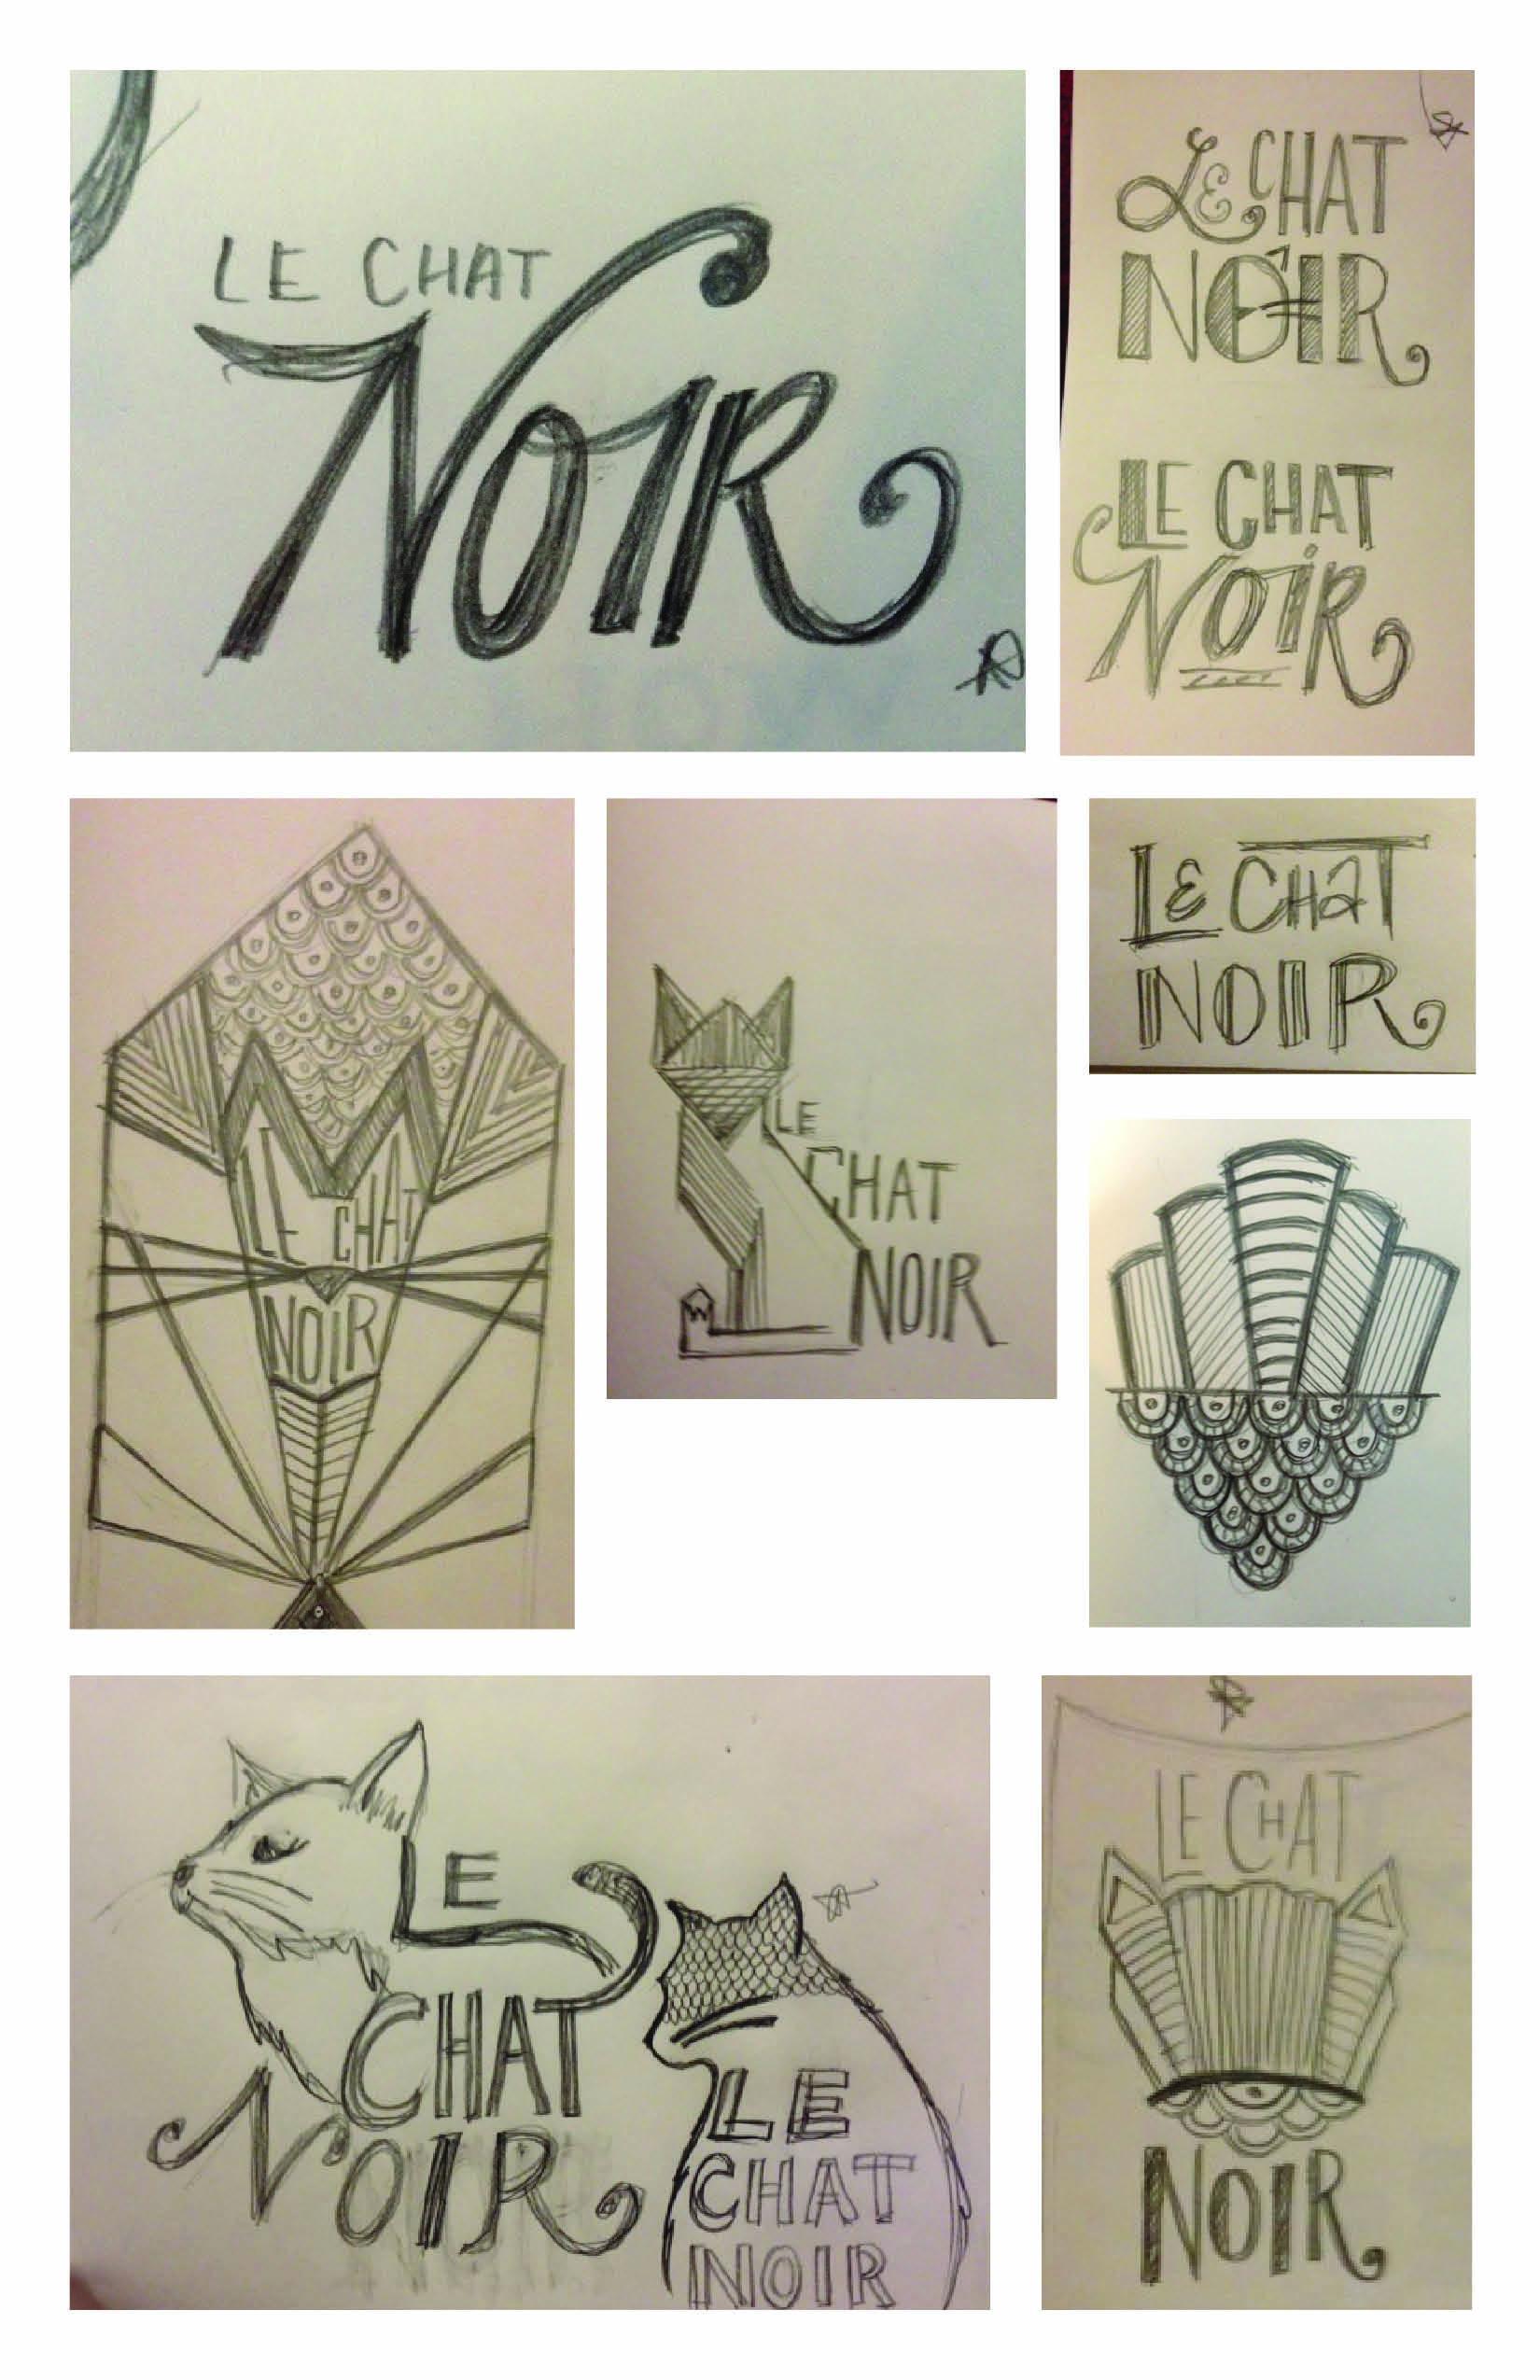 Le Chat Noir Wine - image 7 - student project